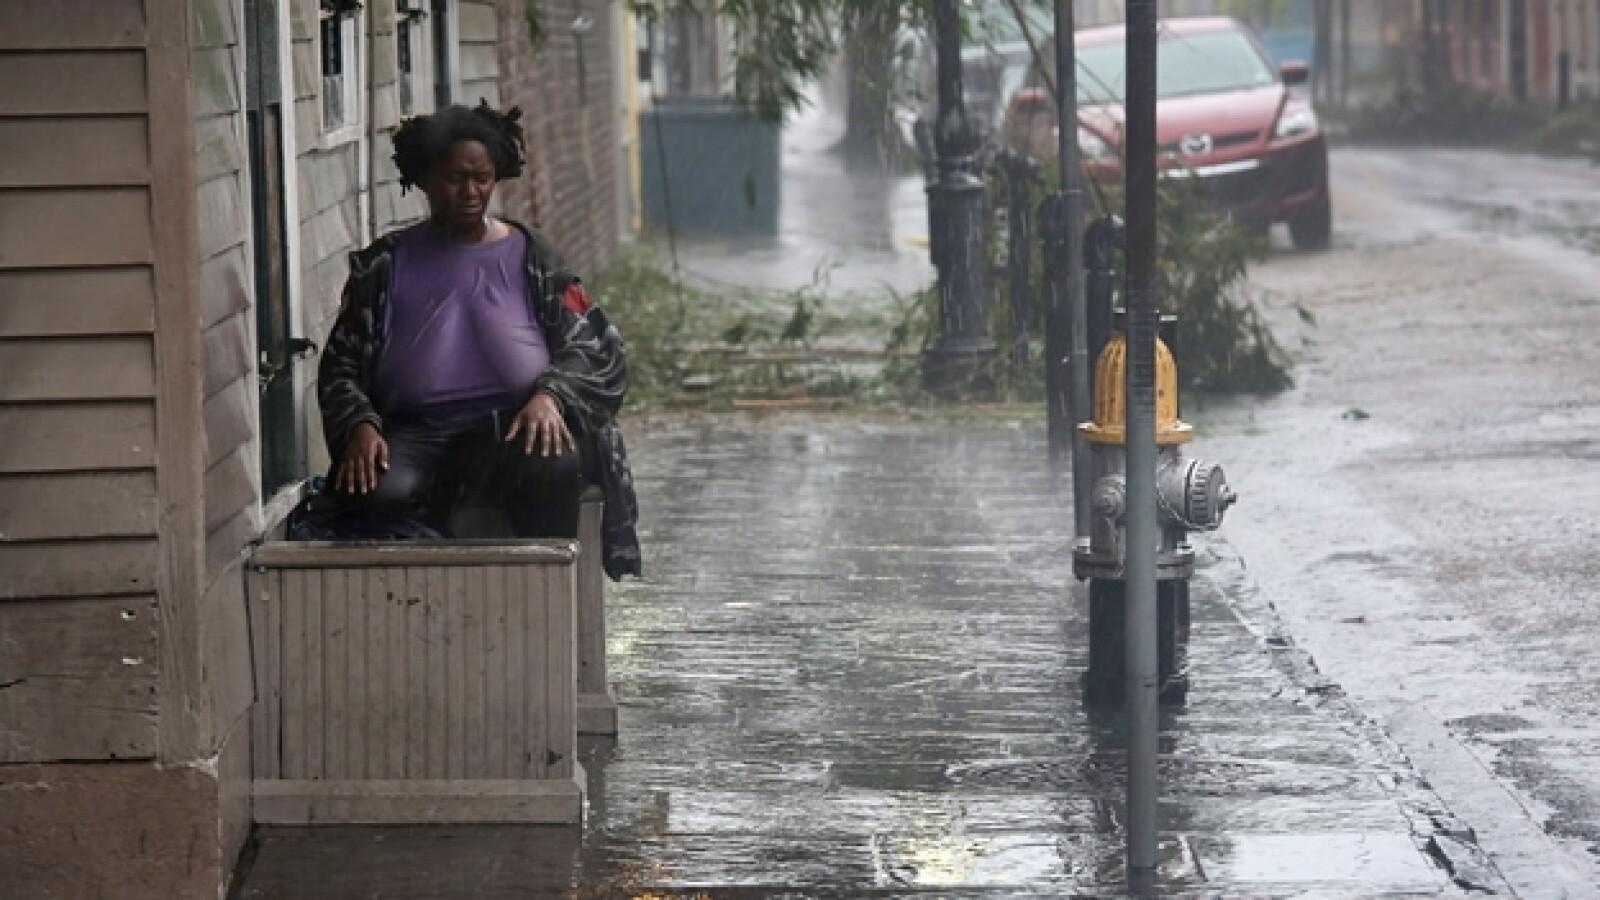 una mujer observa la lluvia sentada en una banca